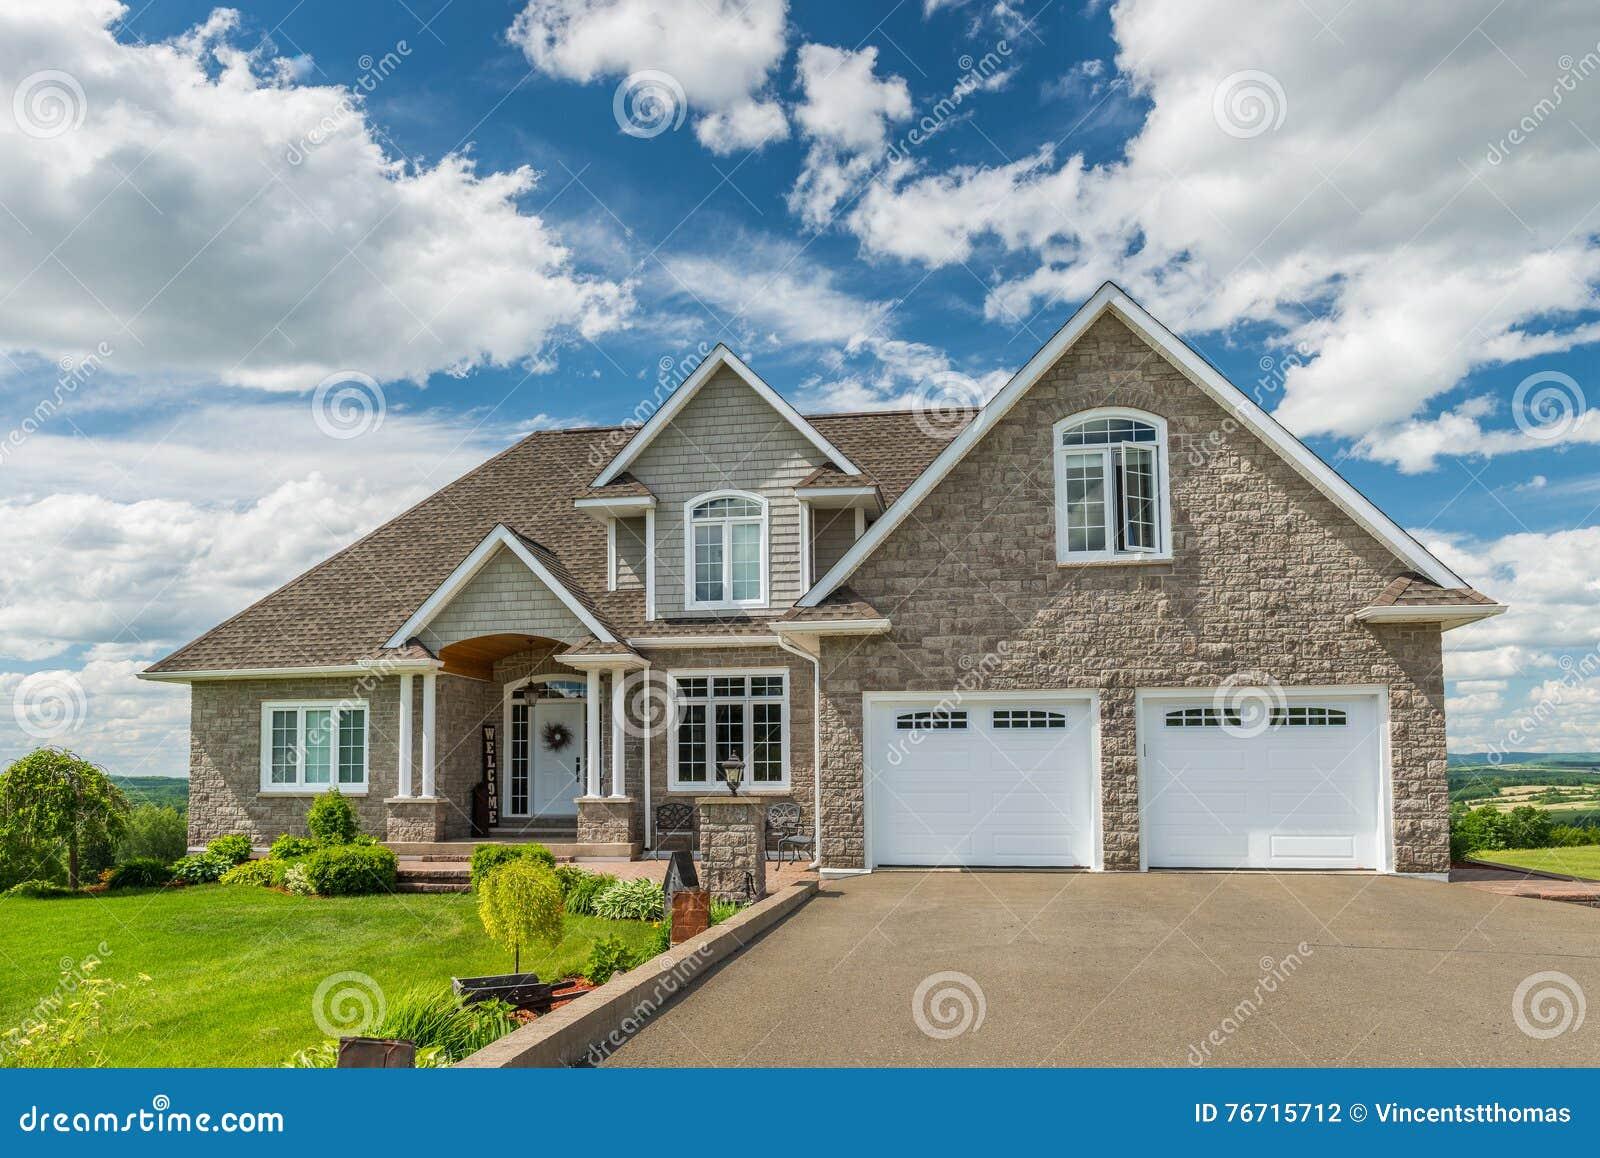 Huis op een heuvel